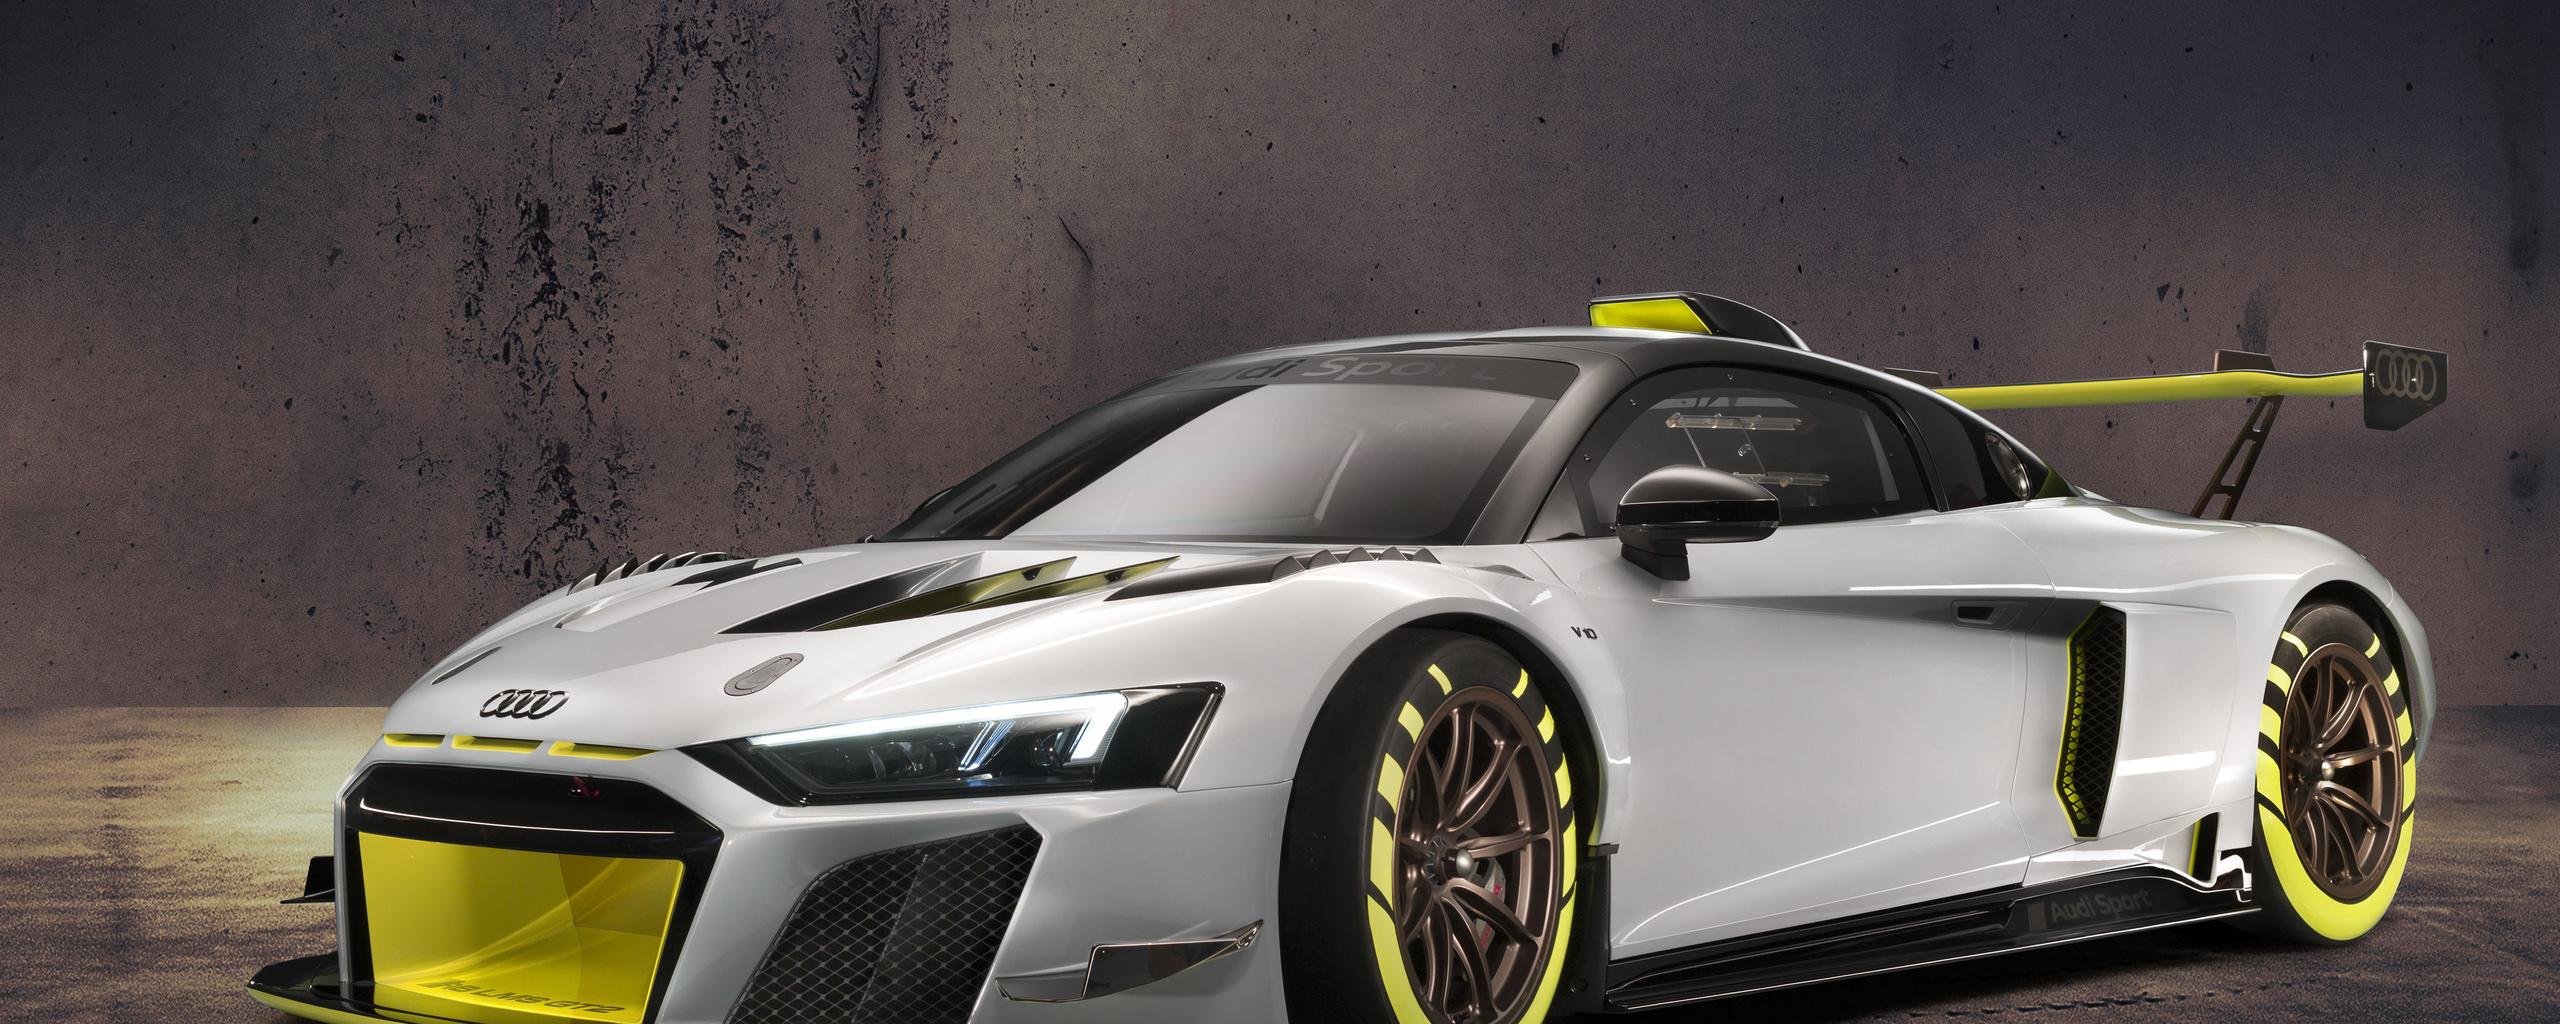 2560x1024 Audi R8 LMS GT2 2019 4k 2560x1024 Resolution HD ...